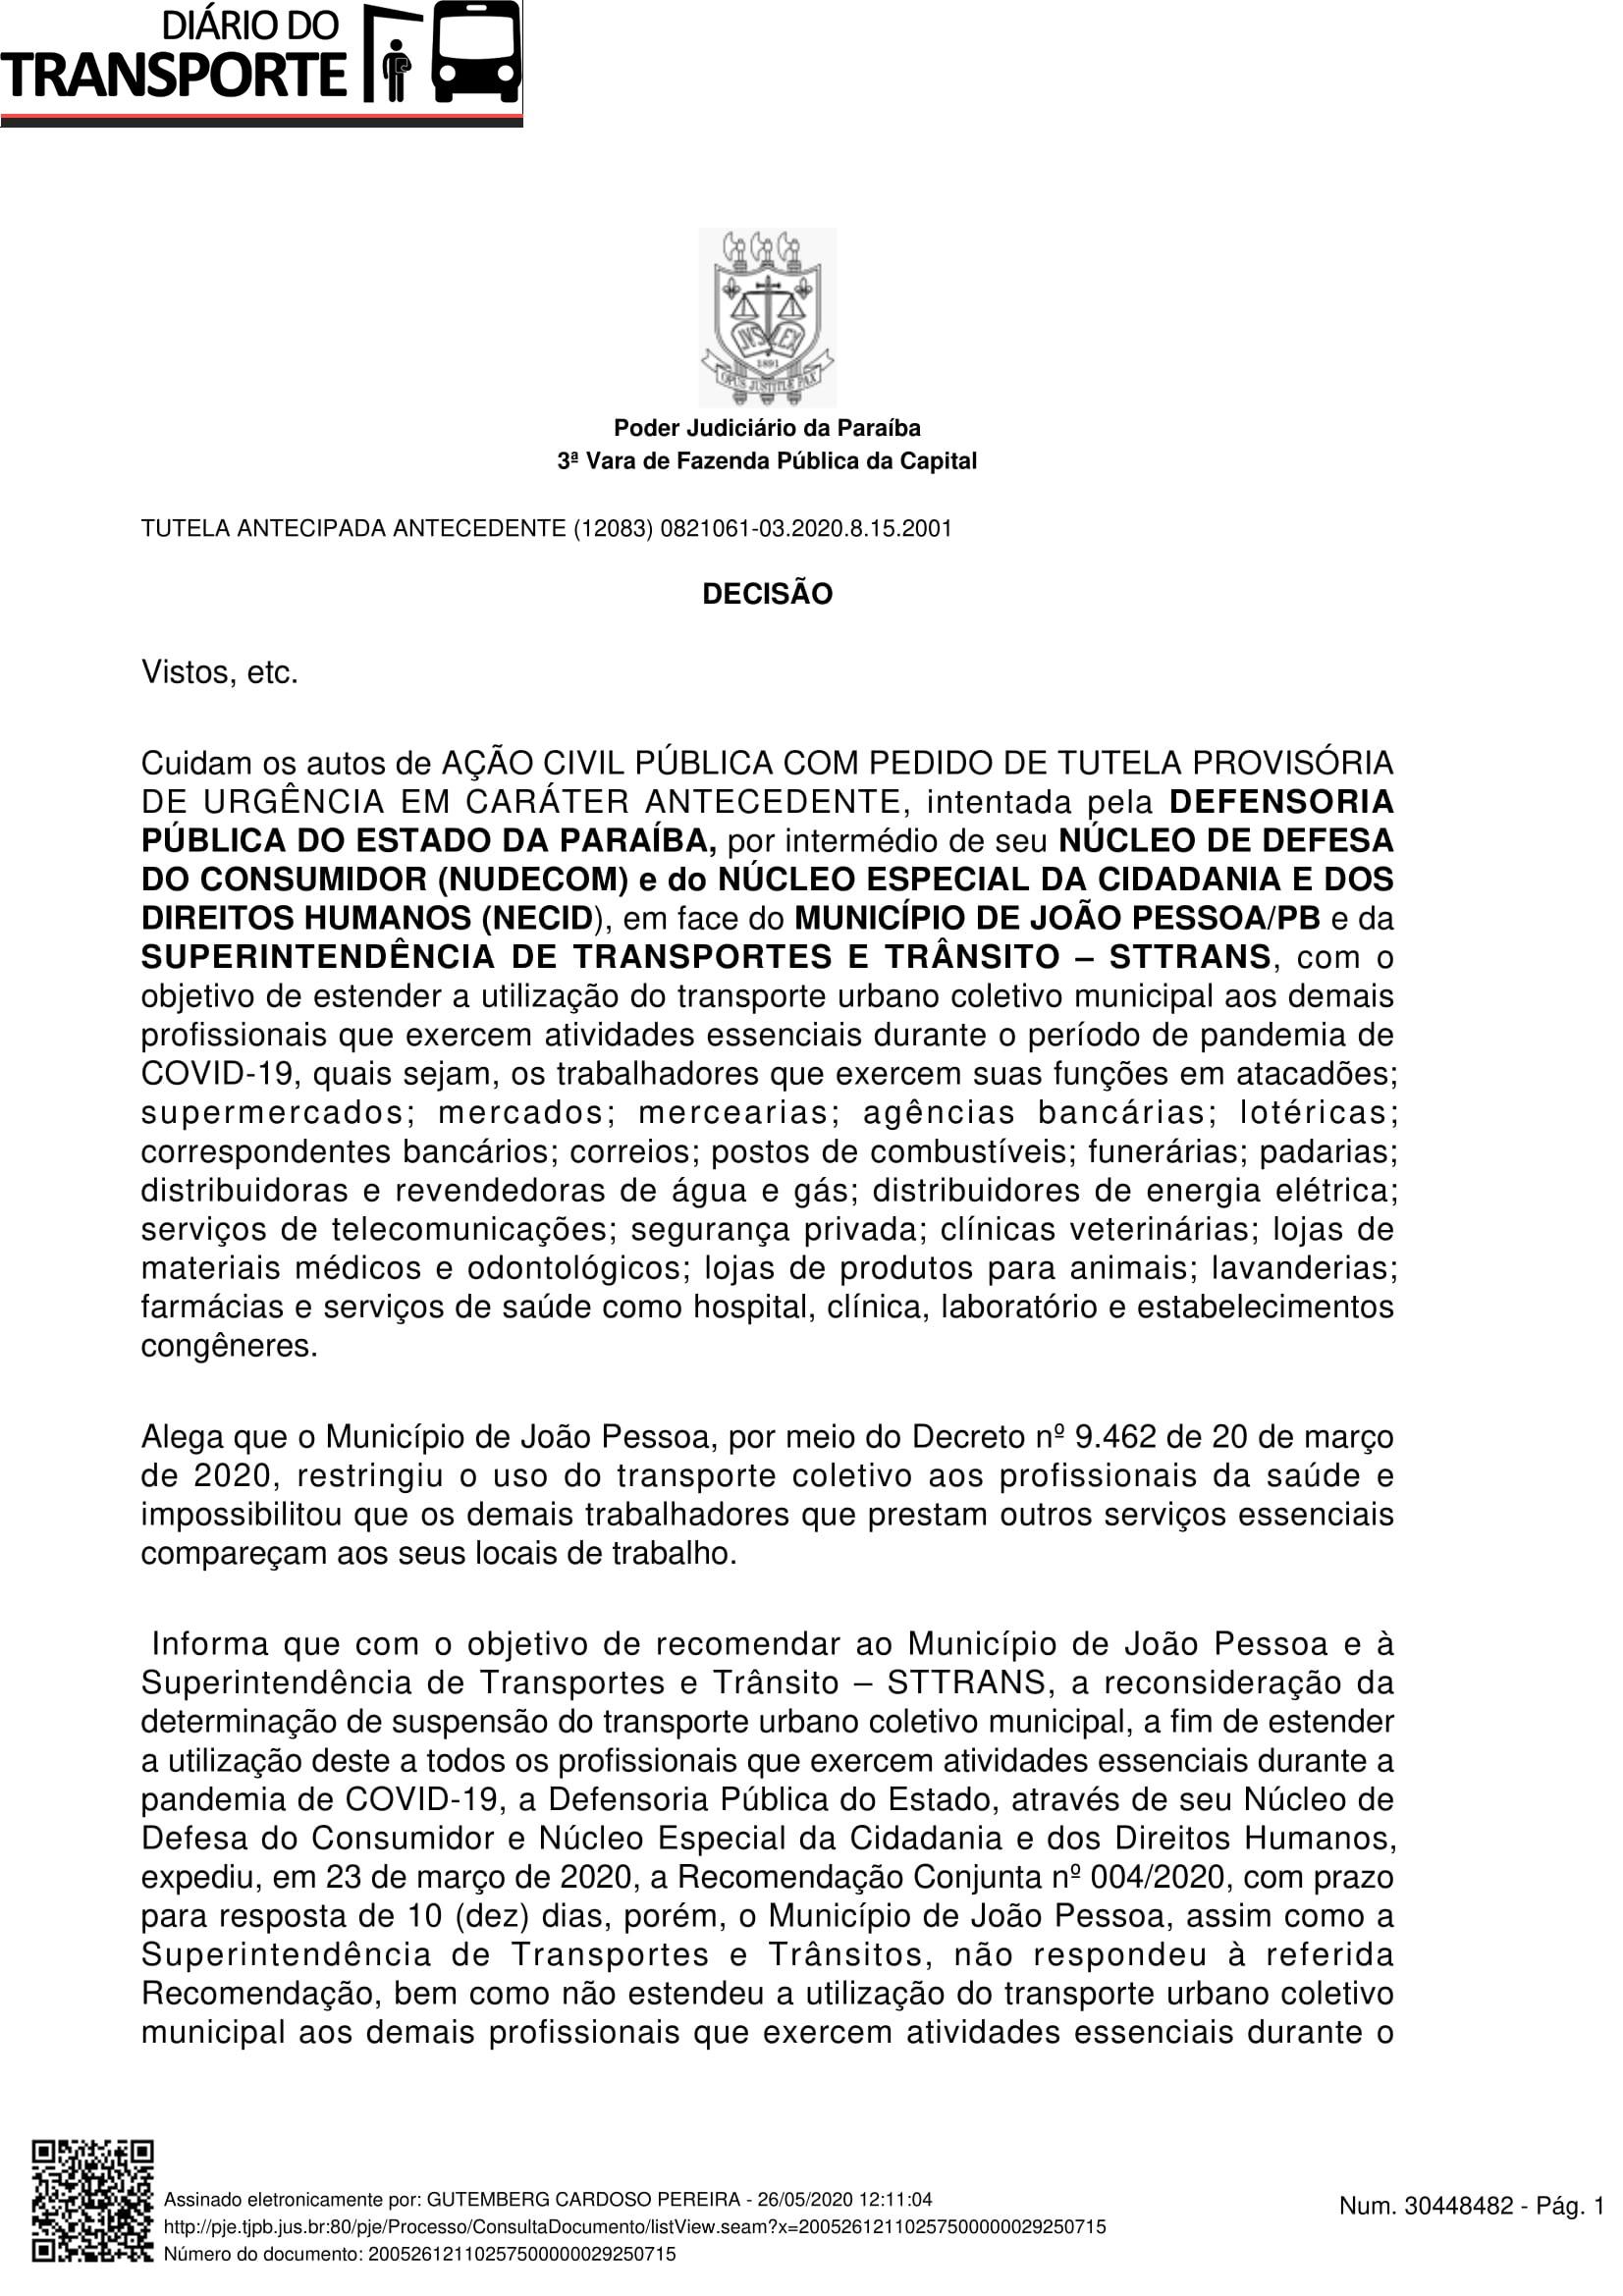 decisao_defensoria-1